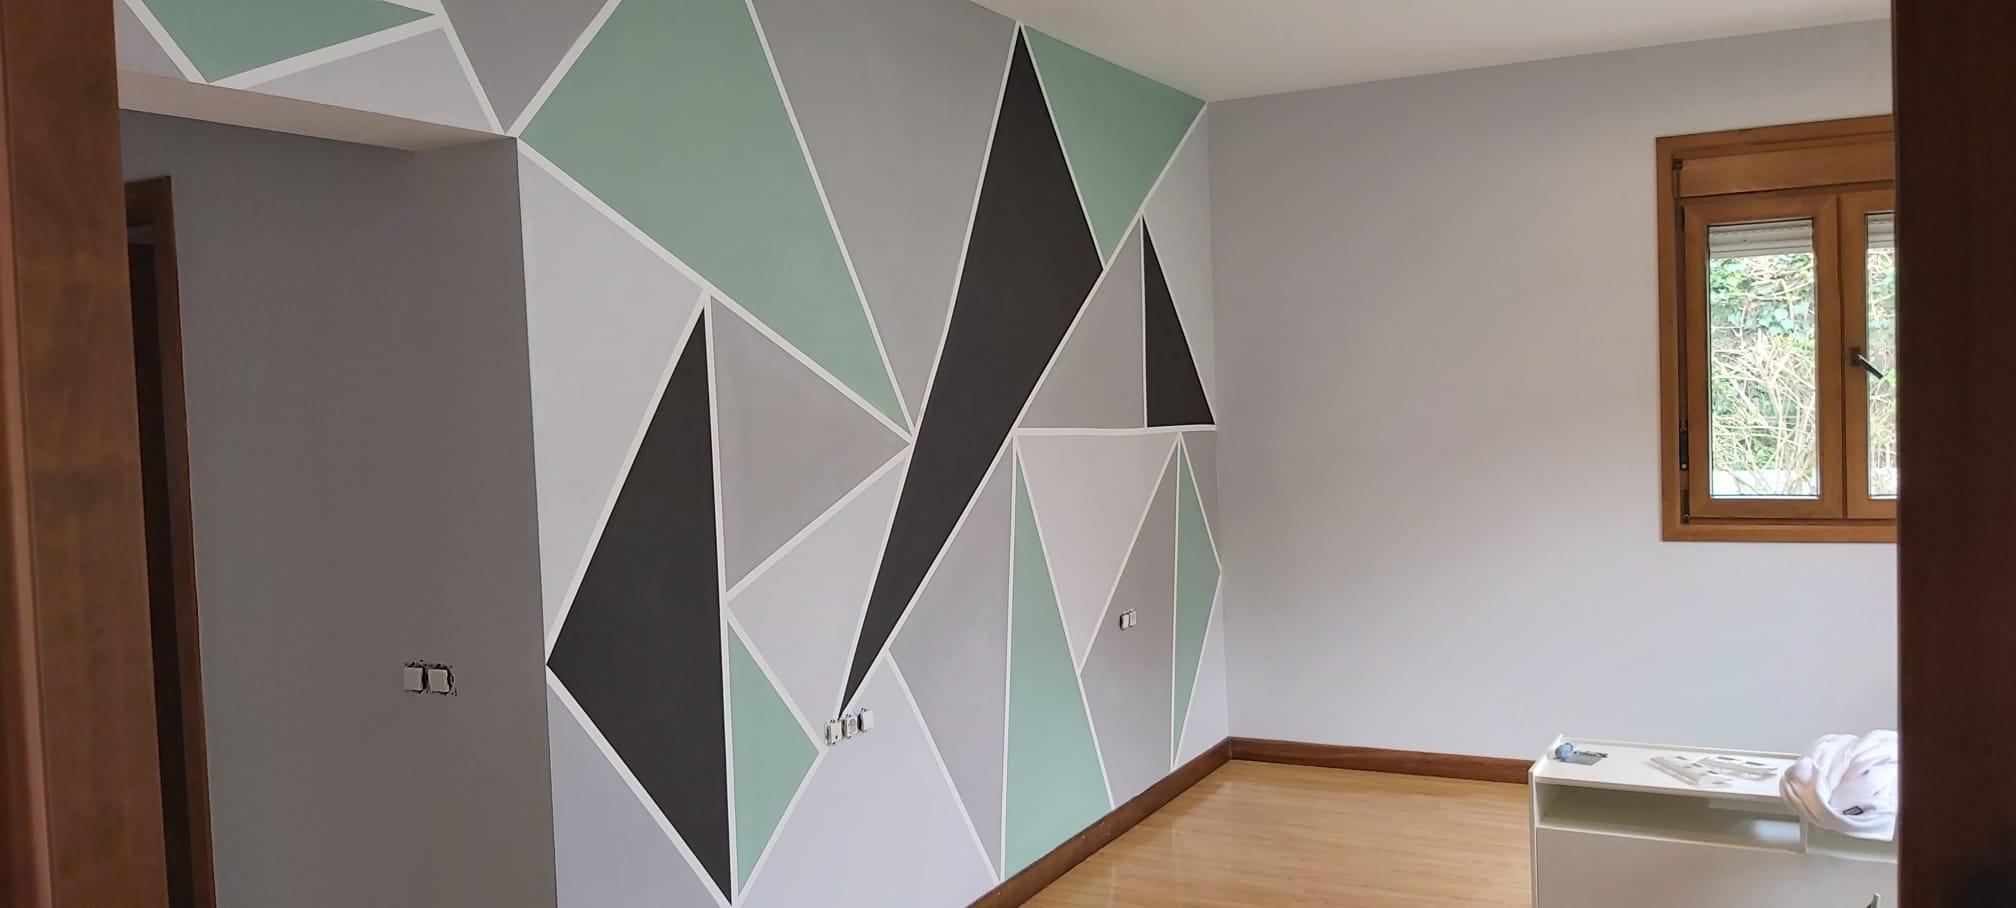 Empresa de pintores. Mosaico de triángulos en salón